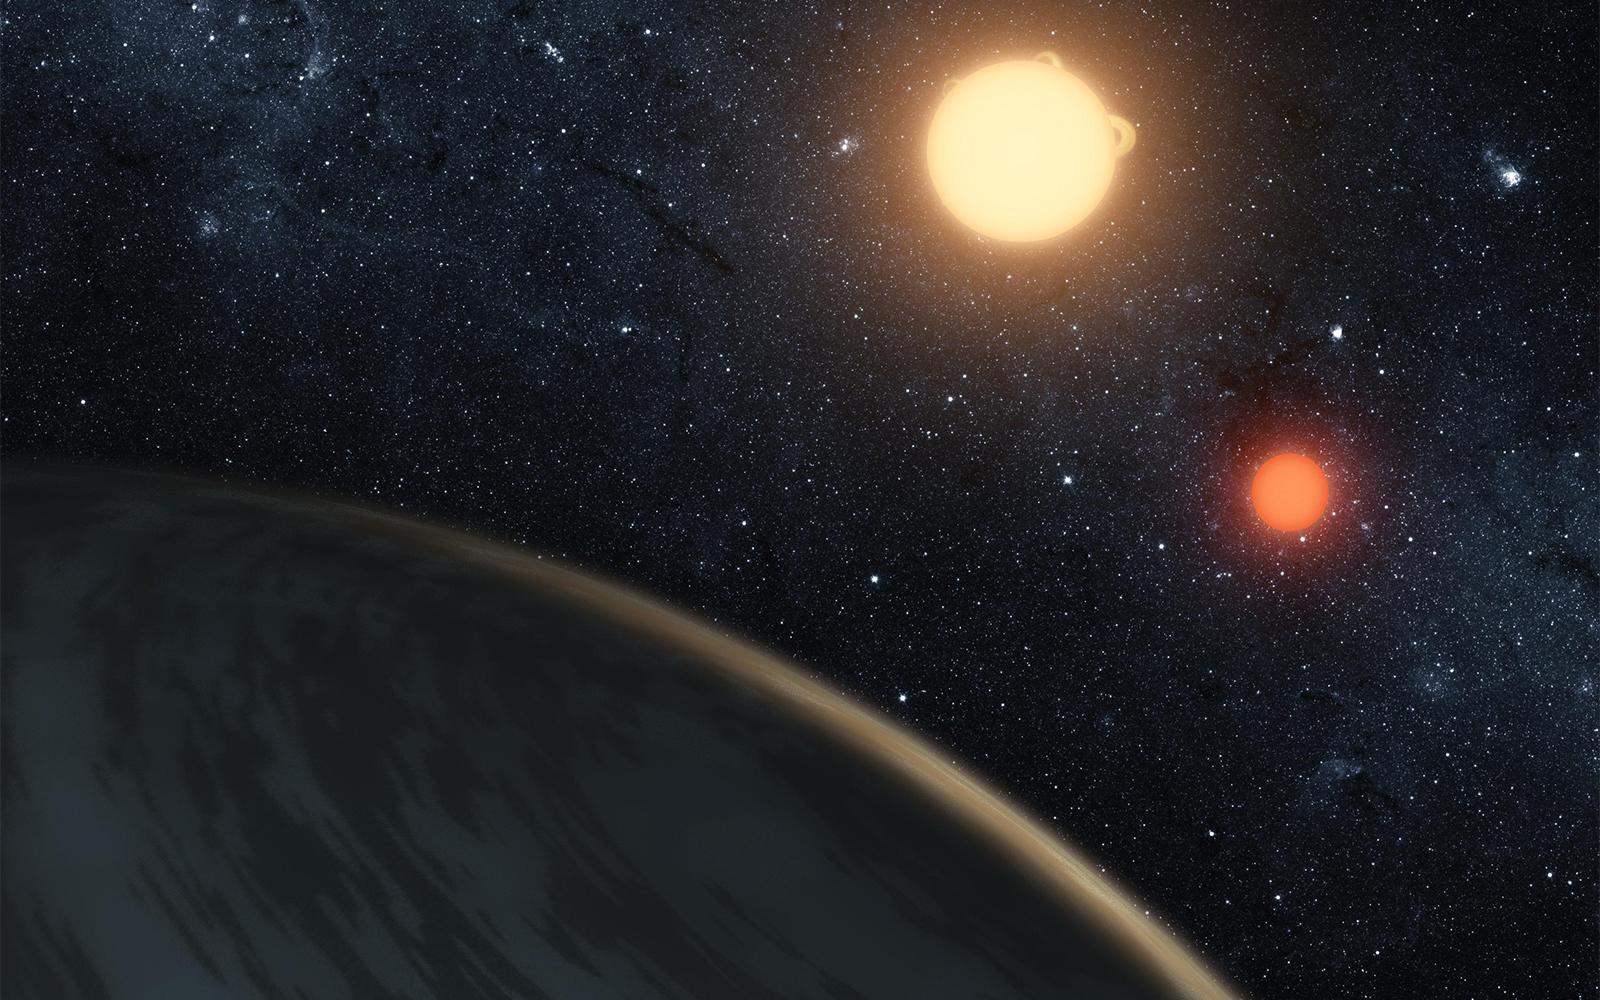 Газовый гигант Kepler-16b астрономы прозвали «Татуином».